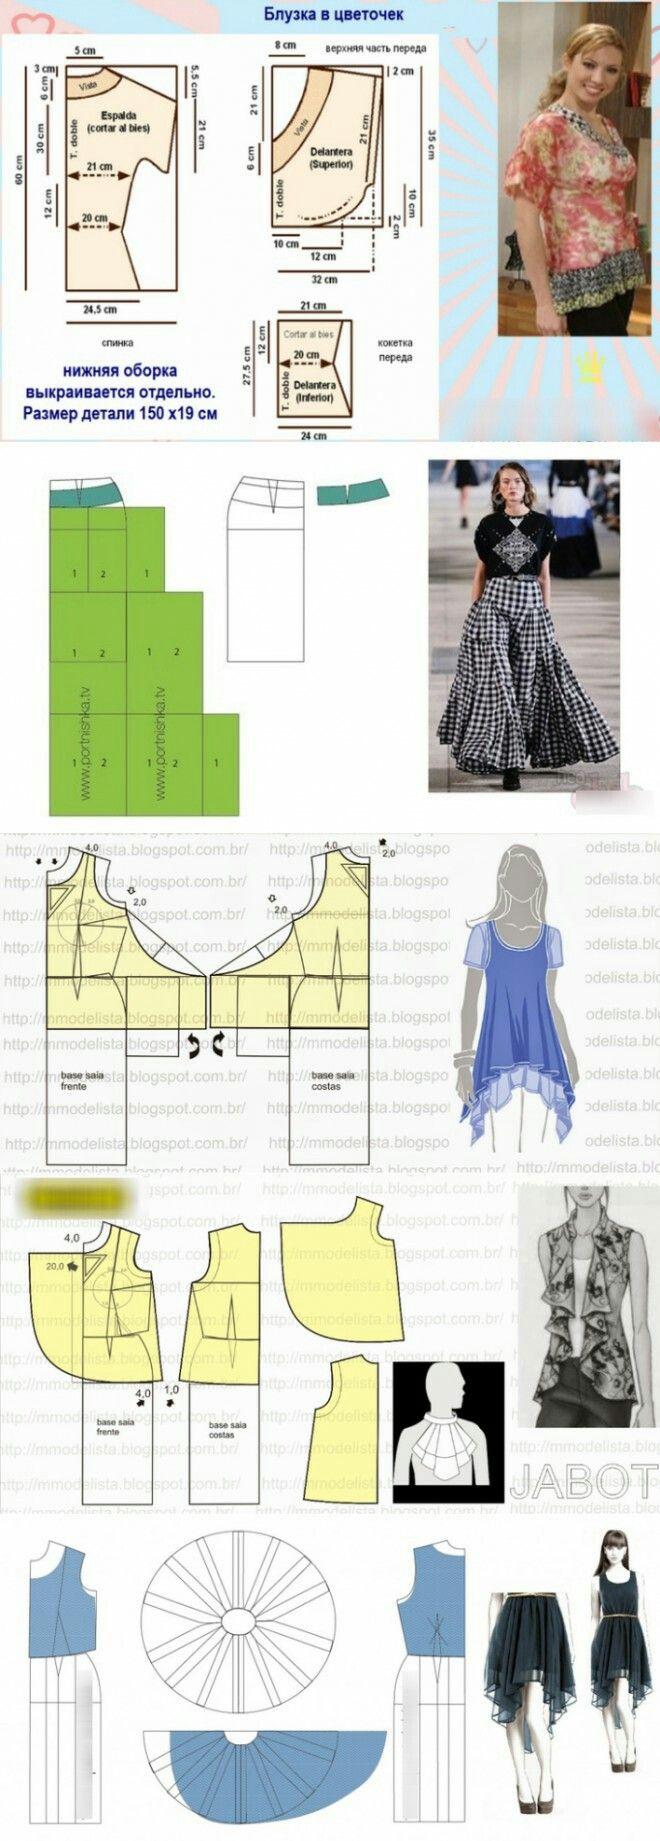 Blouse skirt models...<3 Deniz <3